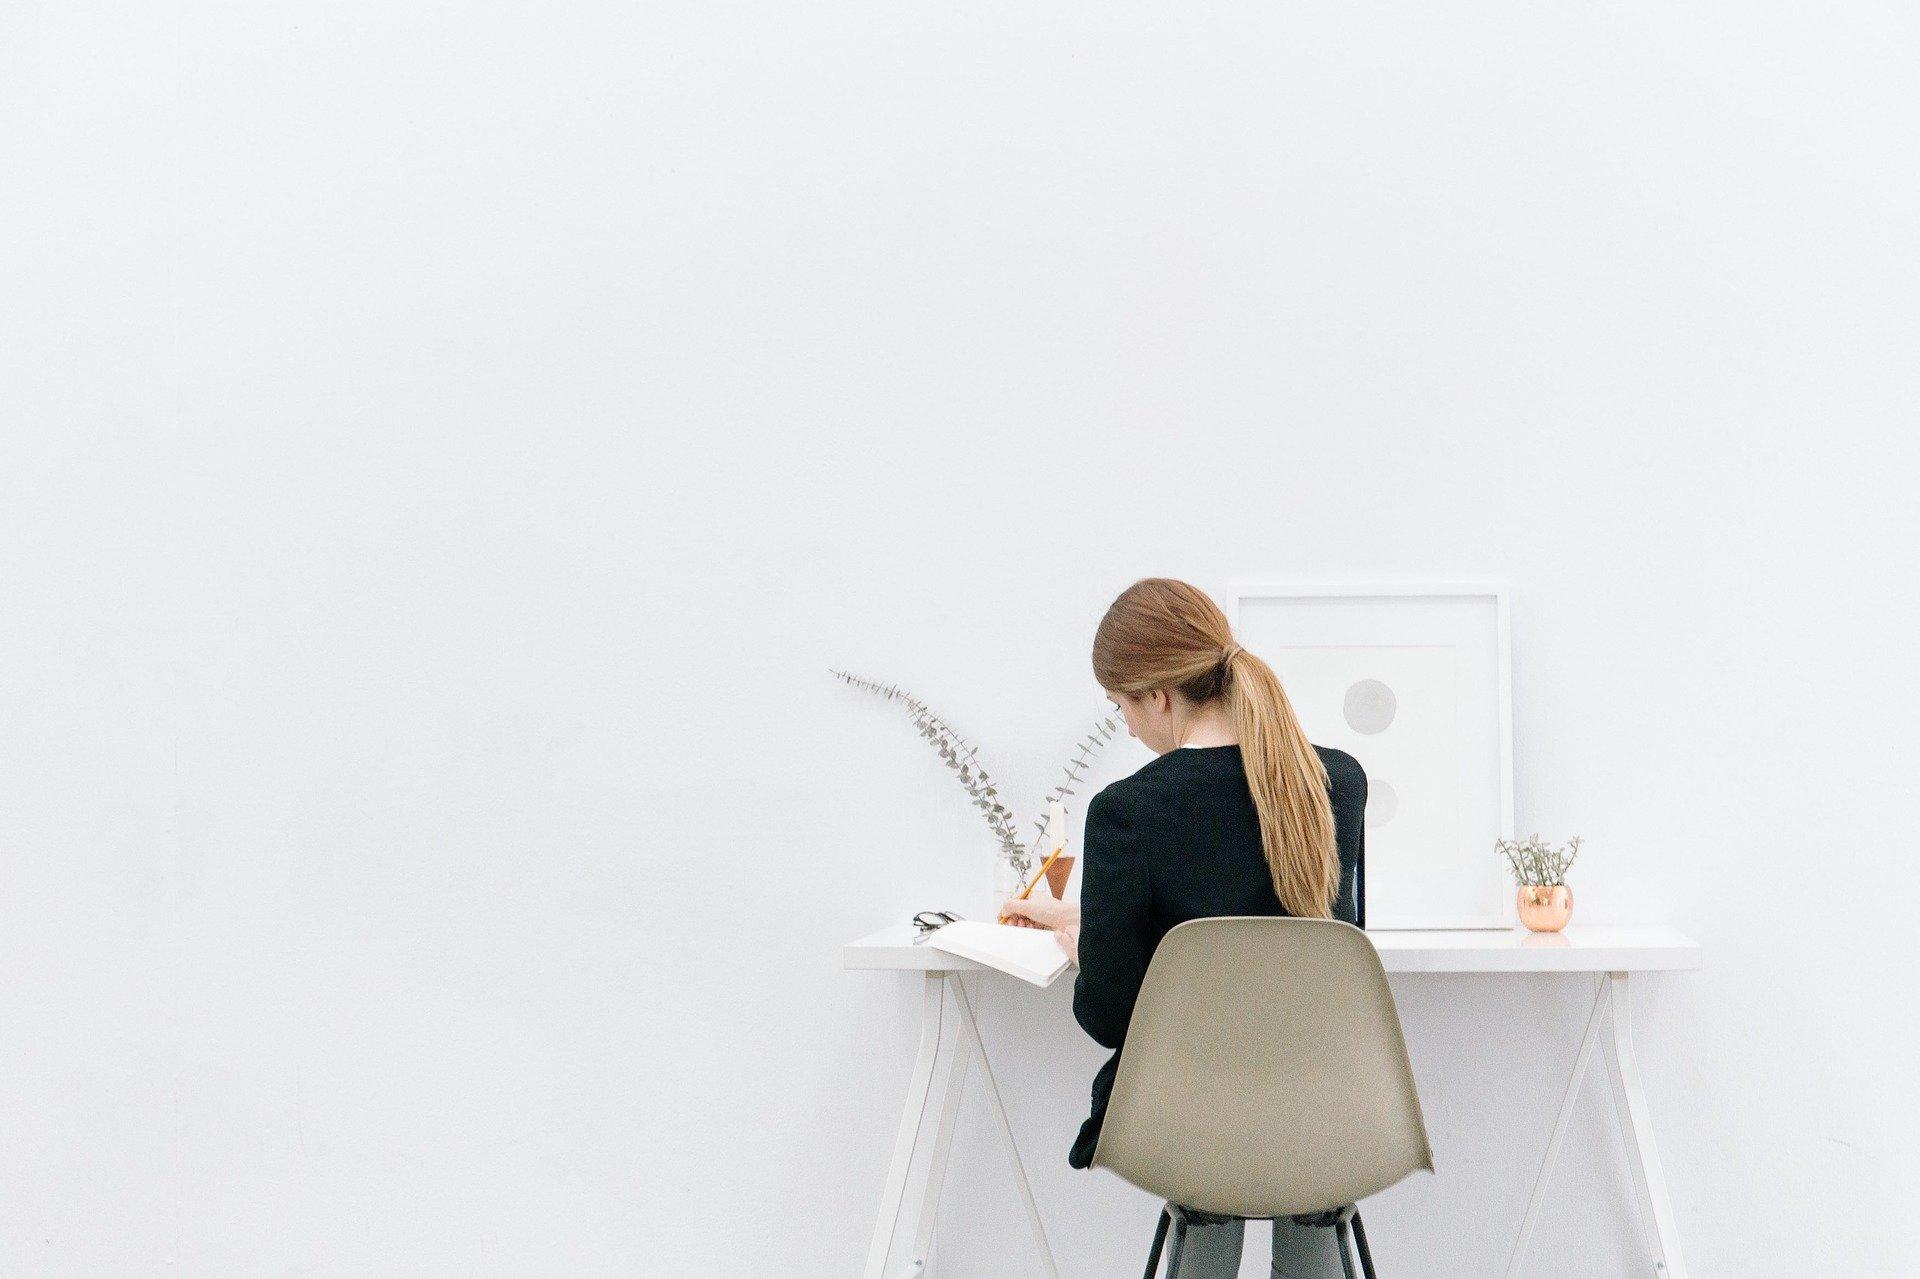 職場で孤立したときの対処法【真面目に仕事に取り組めばOK】